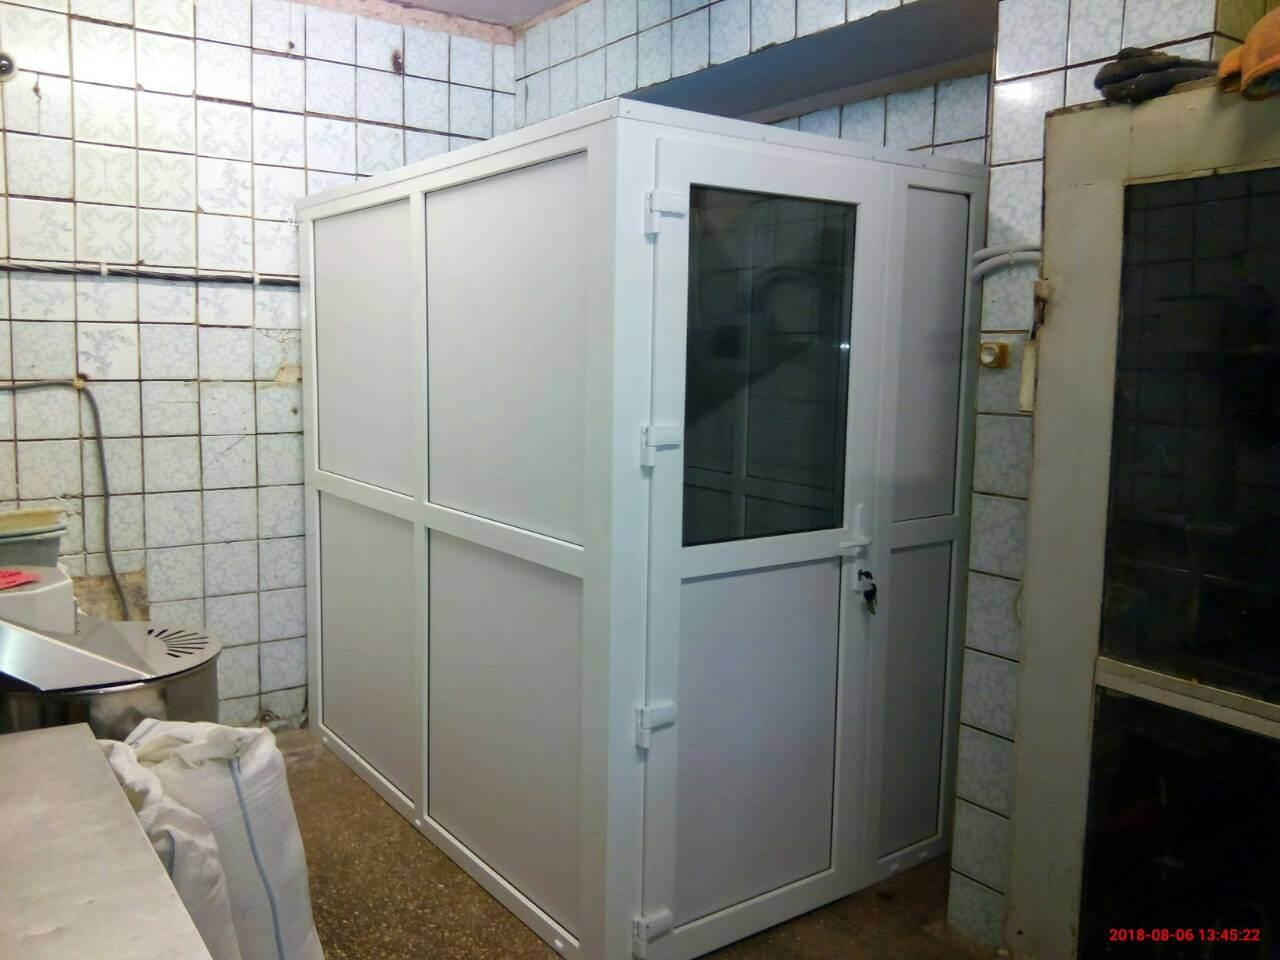 Proofer cabinet Q&R